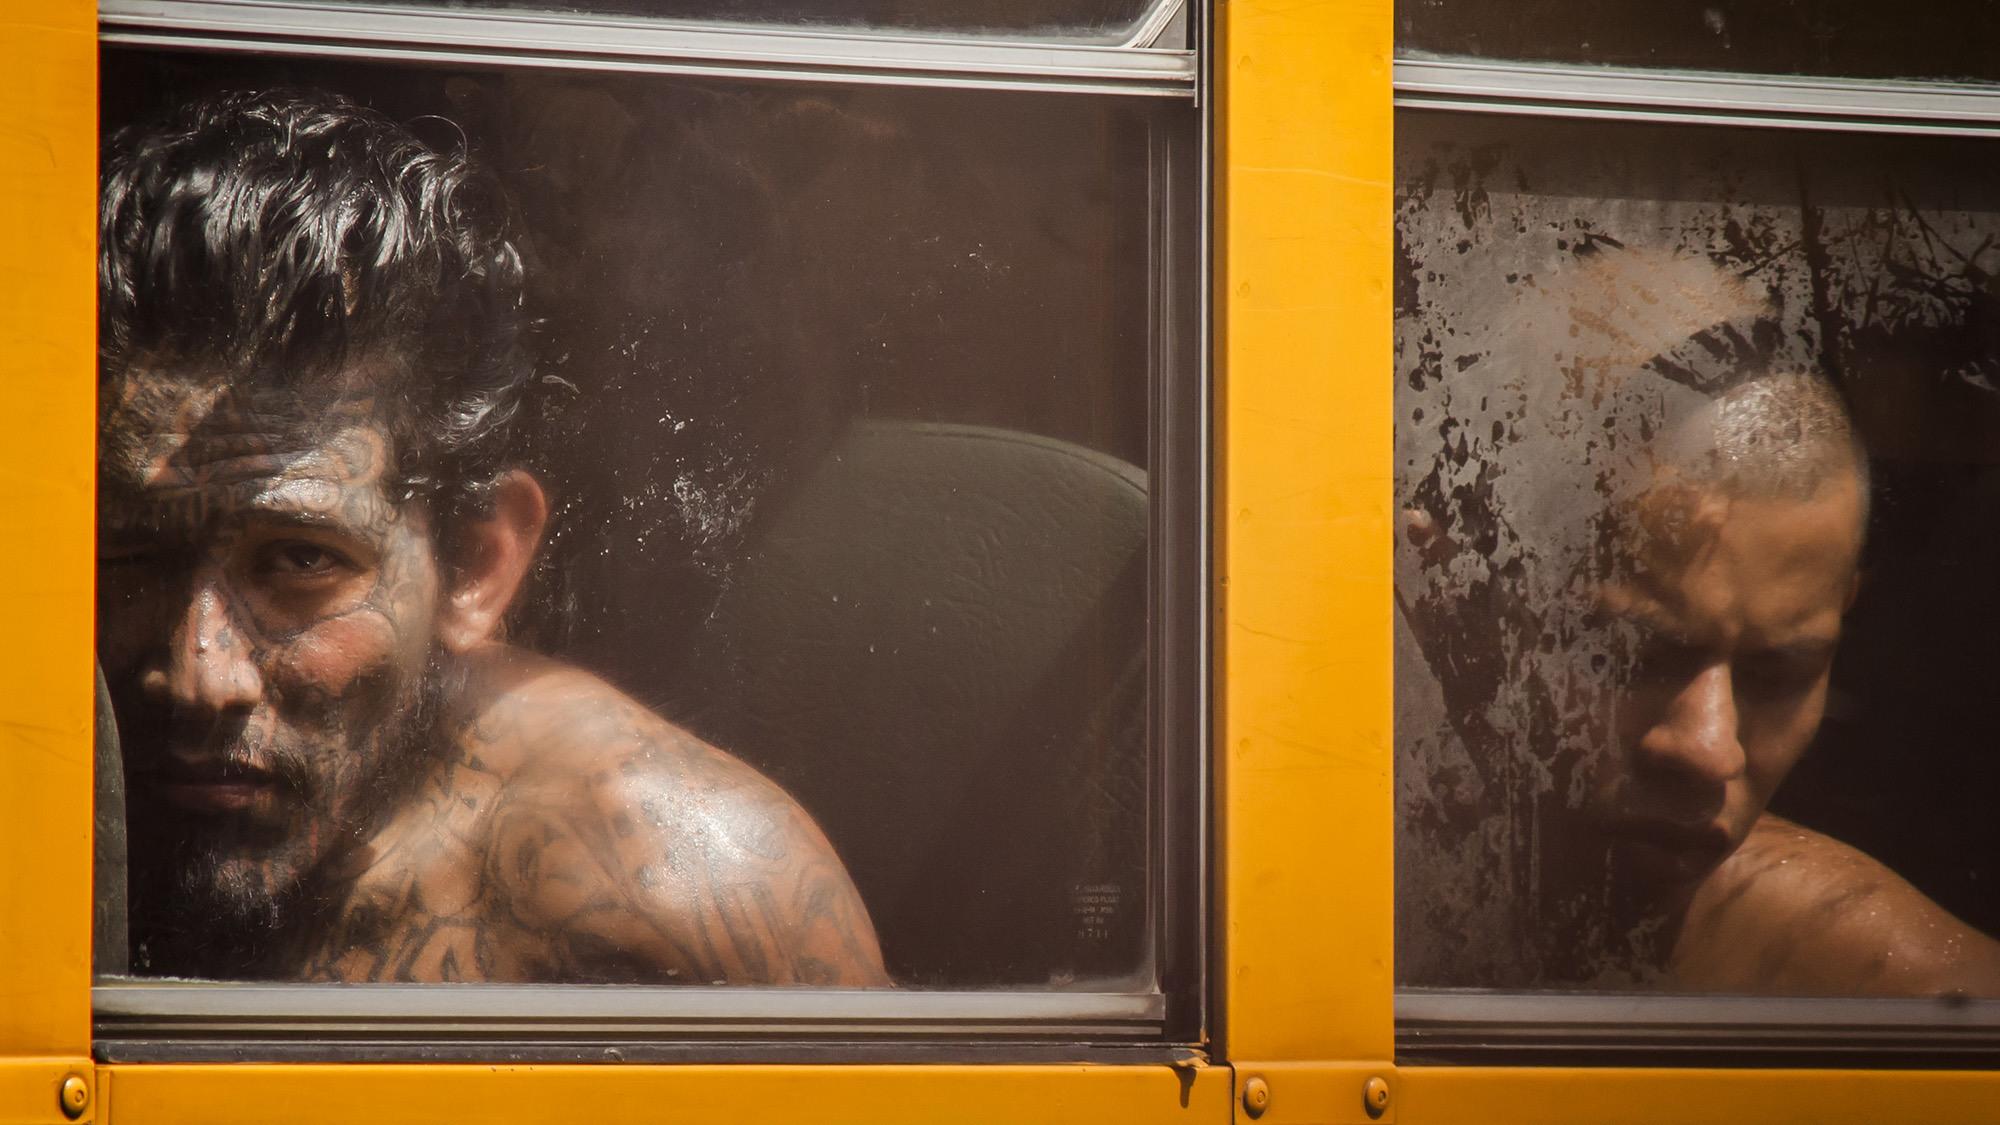 Pandilleros de la Mara Barrio 18 permanecen dentro de autobuses en las afueras del Penal de Cojutepeque, Cuscatlám, el 16 de junio de 2016, día en que el Gobierno decidio clausurar este recinto penitenciario porque fueron incapaces de controlar los ilicitos que los mismos pandilleros cometian en el interior del penal. FOTO FACTUM/Salvador MELENDEZ